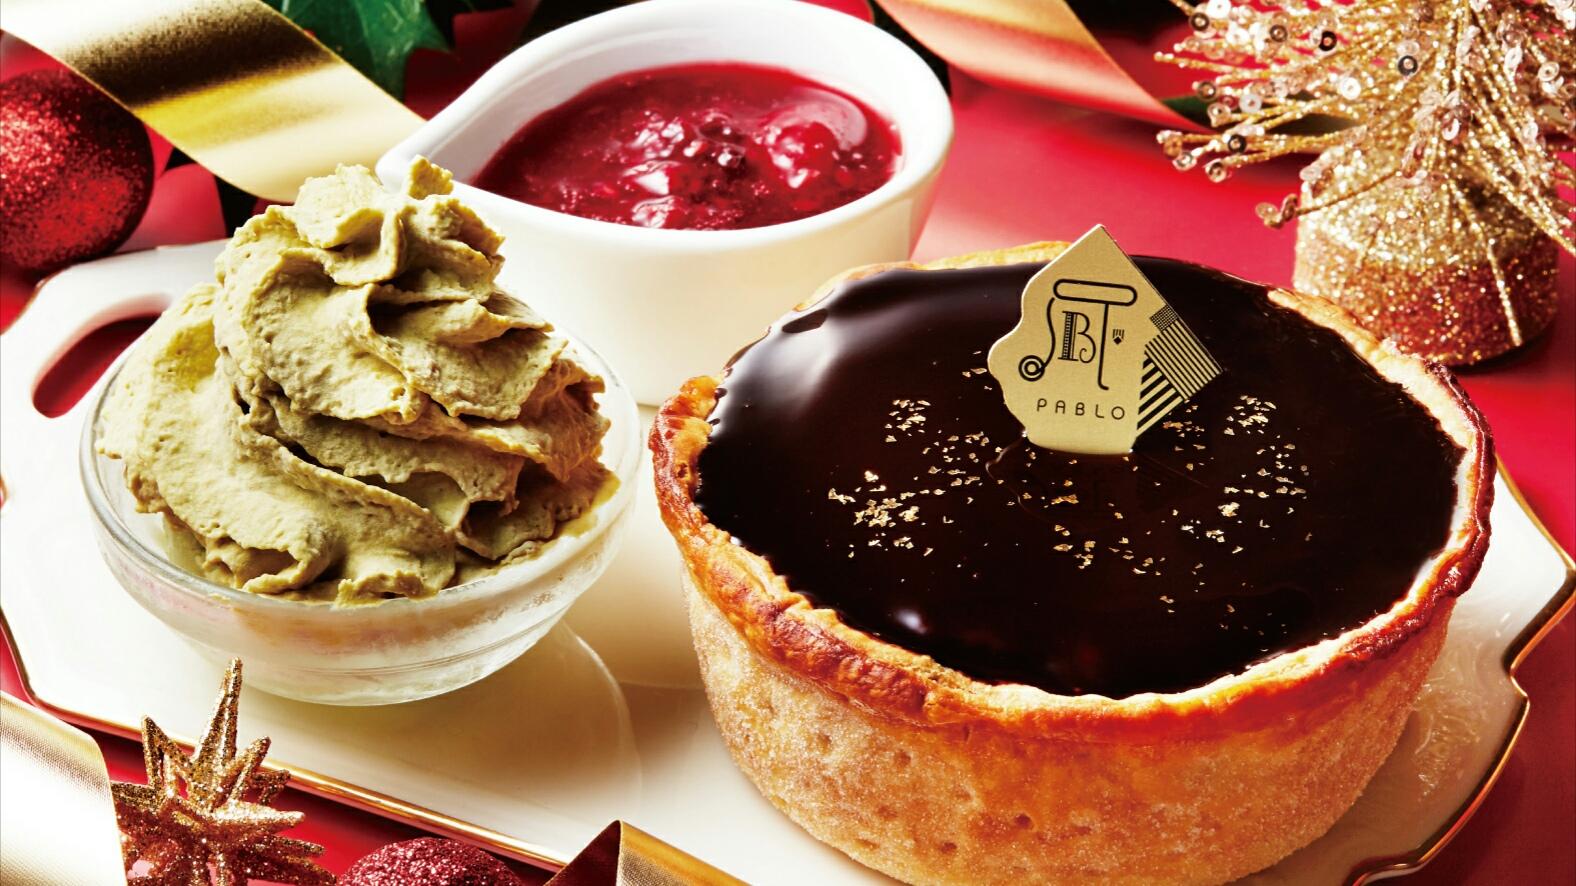 パブロから「ミニチーズタルト クリスマス×ショコラ」が新登場!